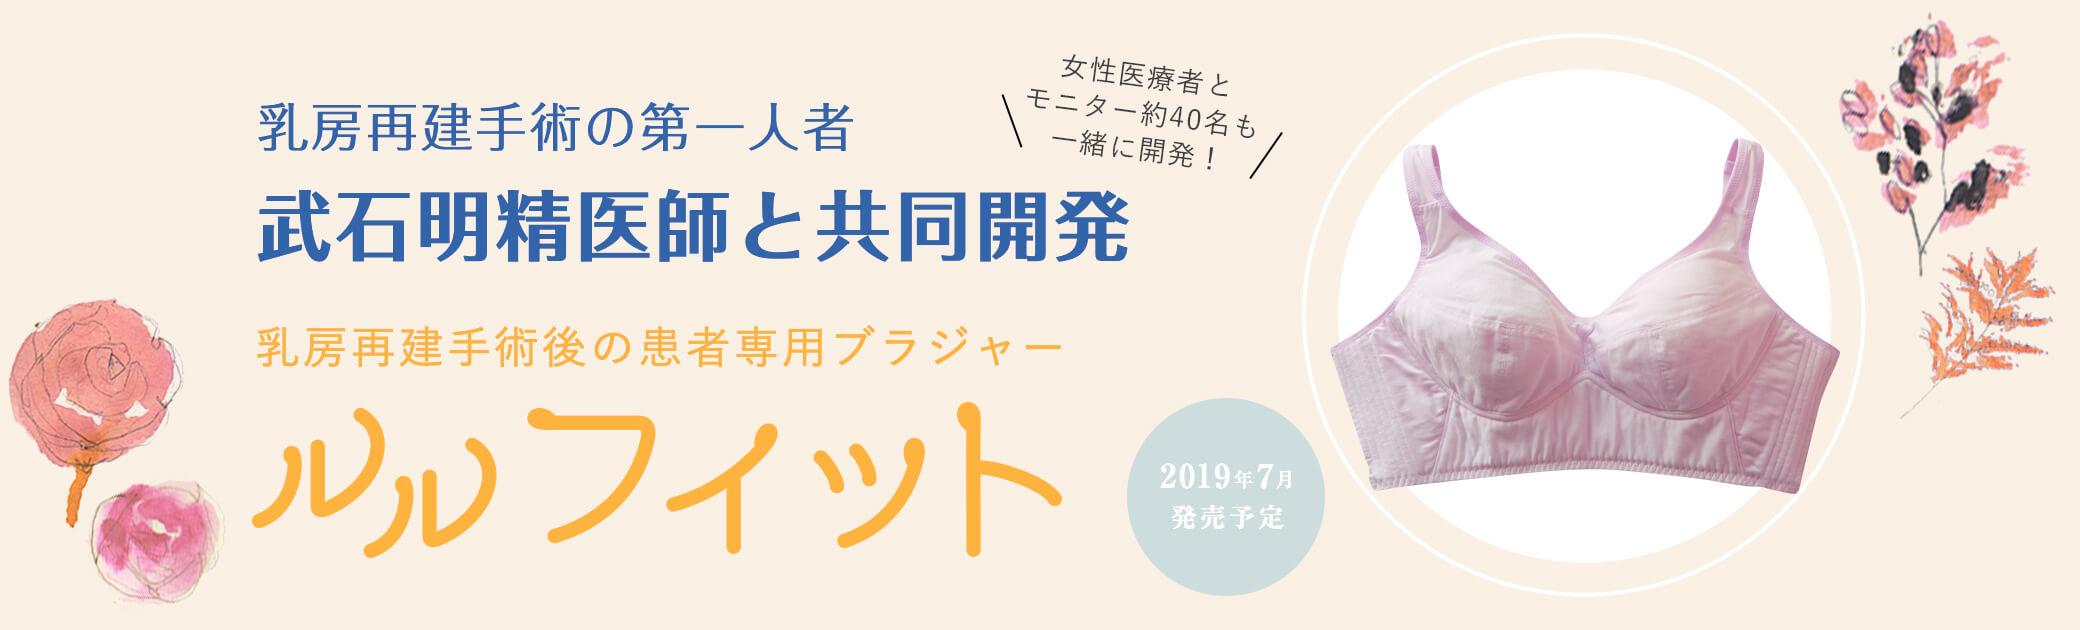 乳房再建第一人者、武石明精医師と共同開発「ルルフィット」7月発売